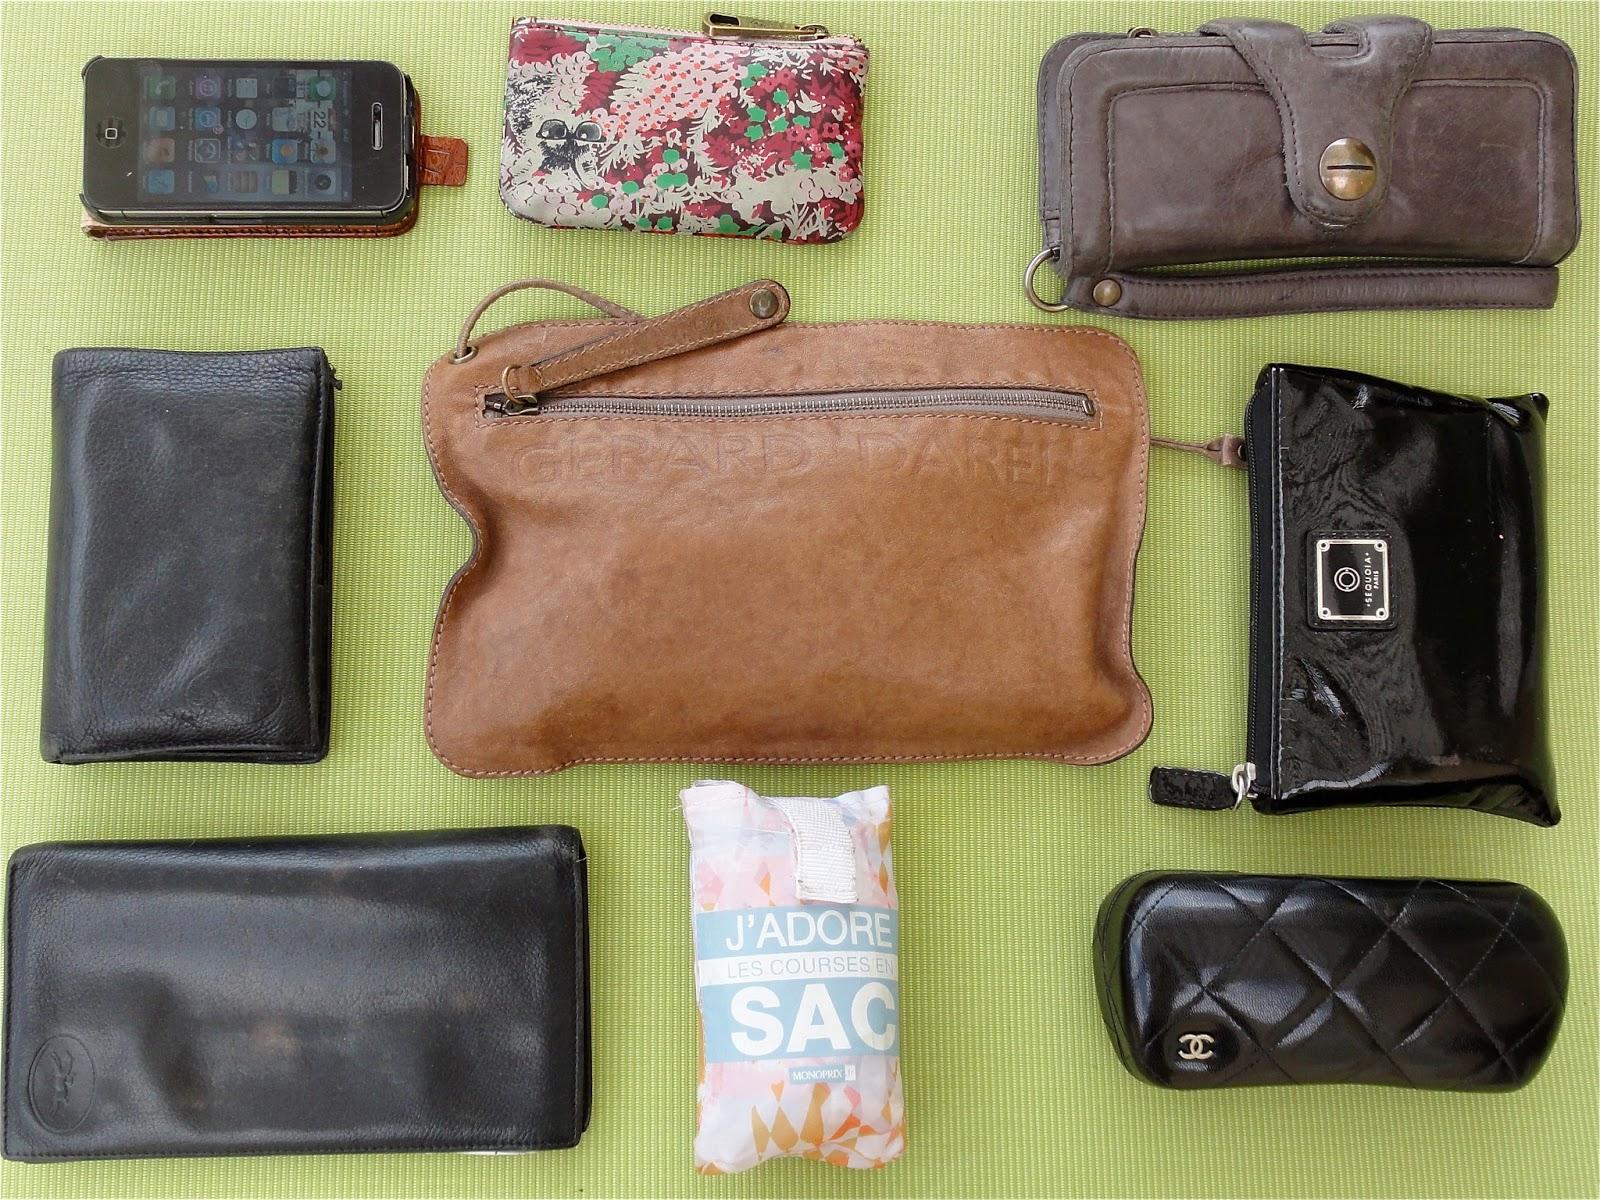 f66abe0bf9 Bon c'est à l'image de ma valise me direz vous! En fait dans mon sac il y a  surtout des pochettes, comme ça changement de sac plus rapide que mon ombre!